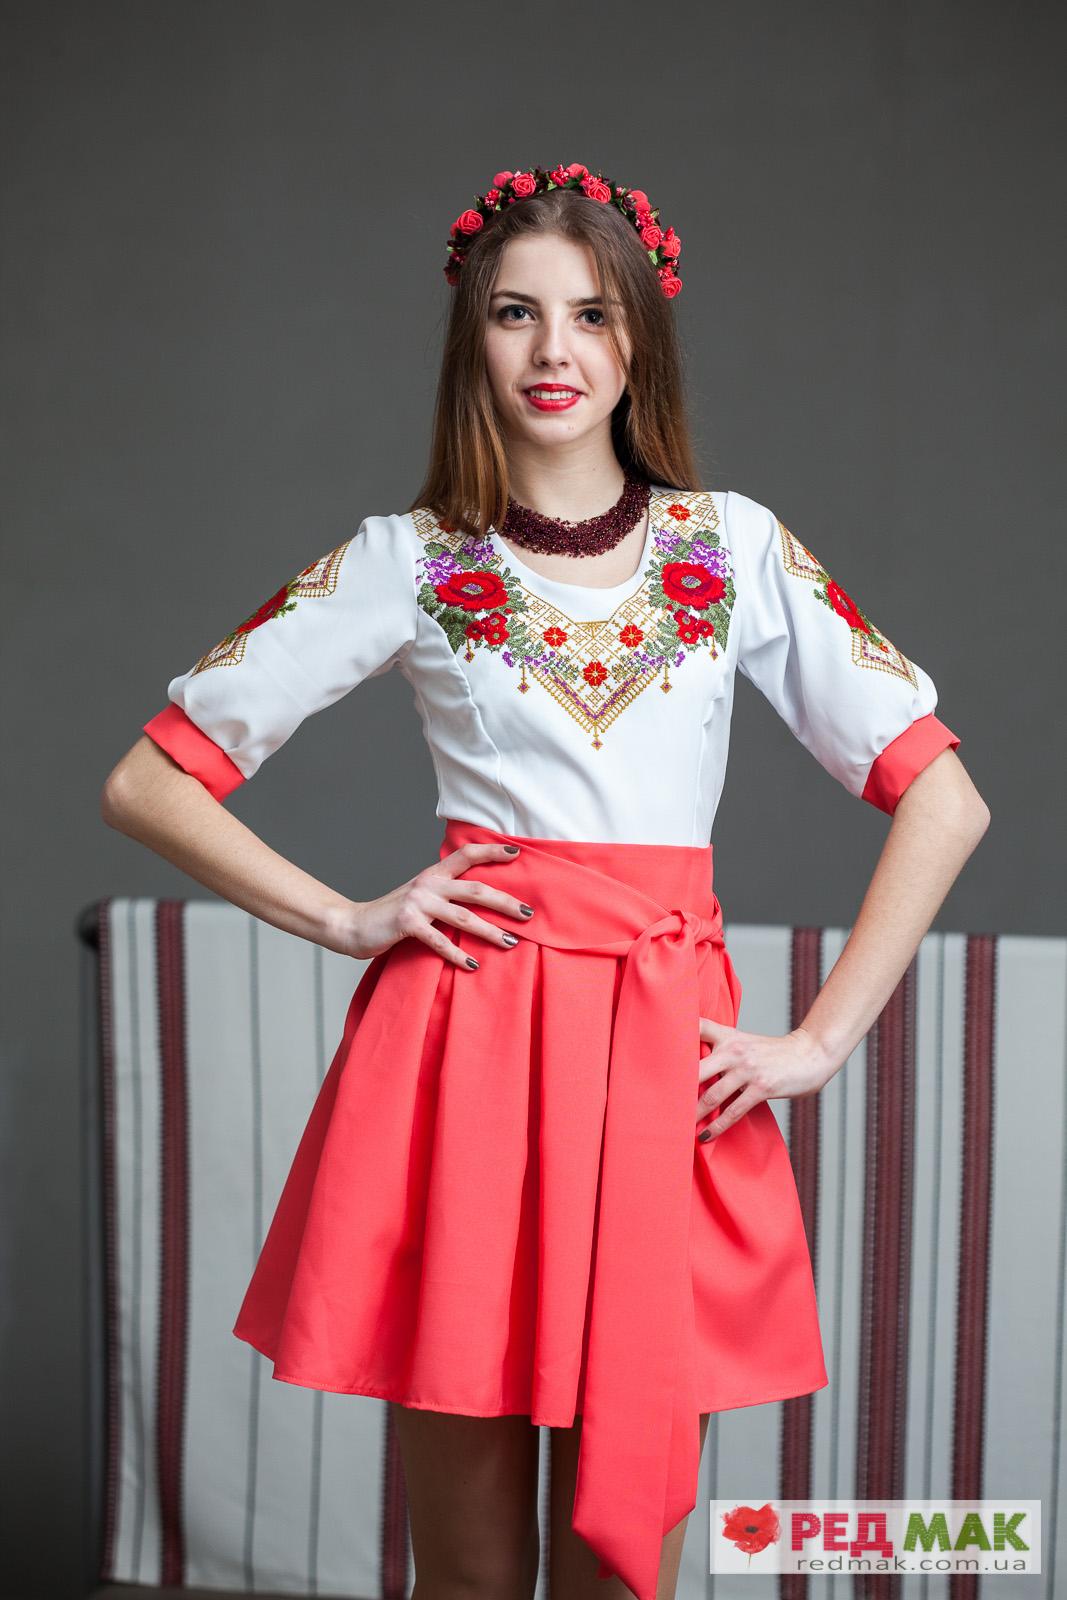 Вишите плаття коралового кольору з квітами та геометричною вишивкою 5e245a61130be